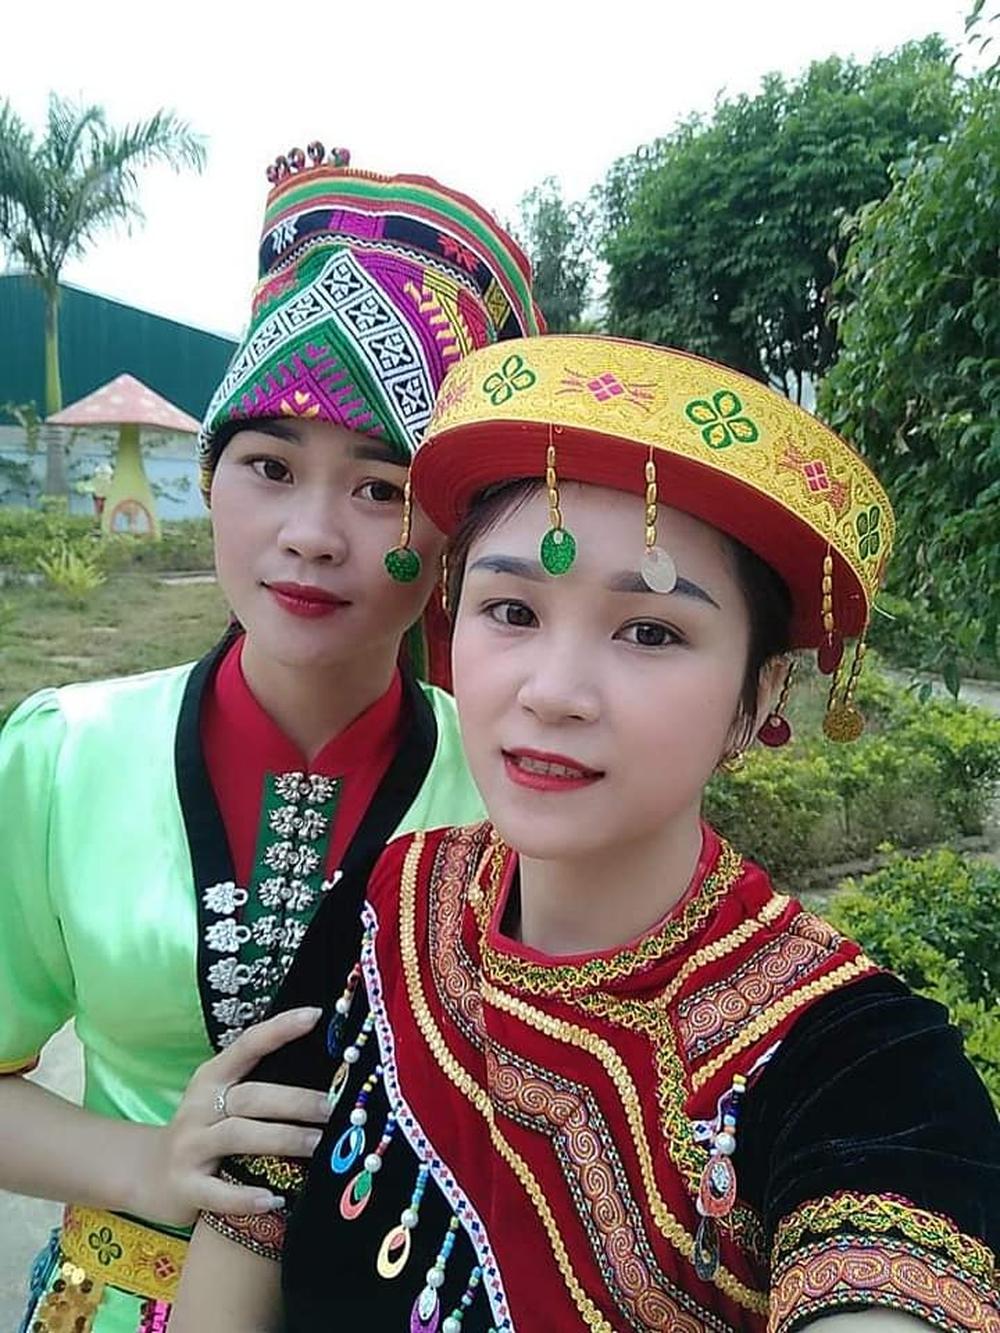 Pá Men và Nà Phung - nơi những cô giáo trẻ dành cả thanh xuân để cắm bản - Ảnh 4.